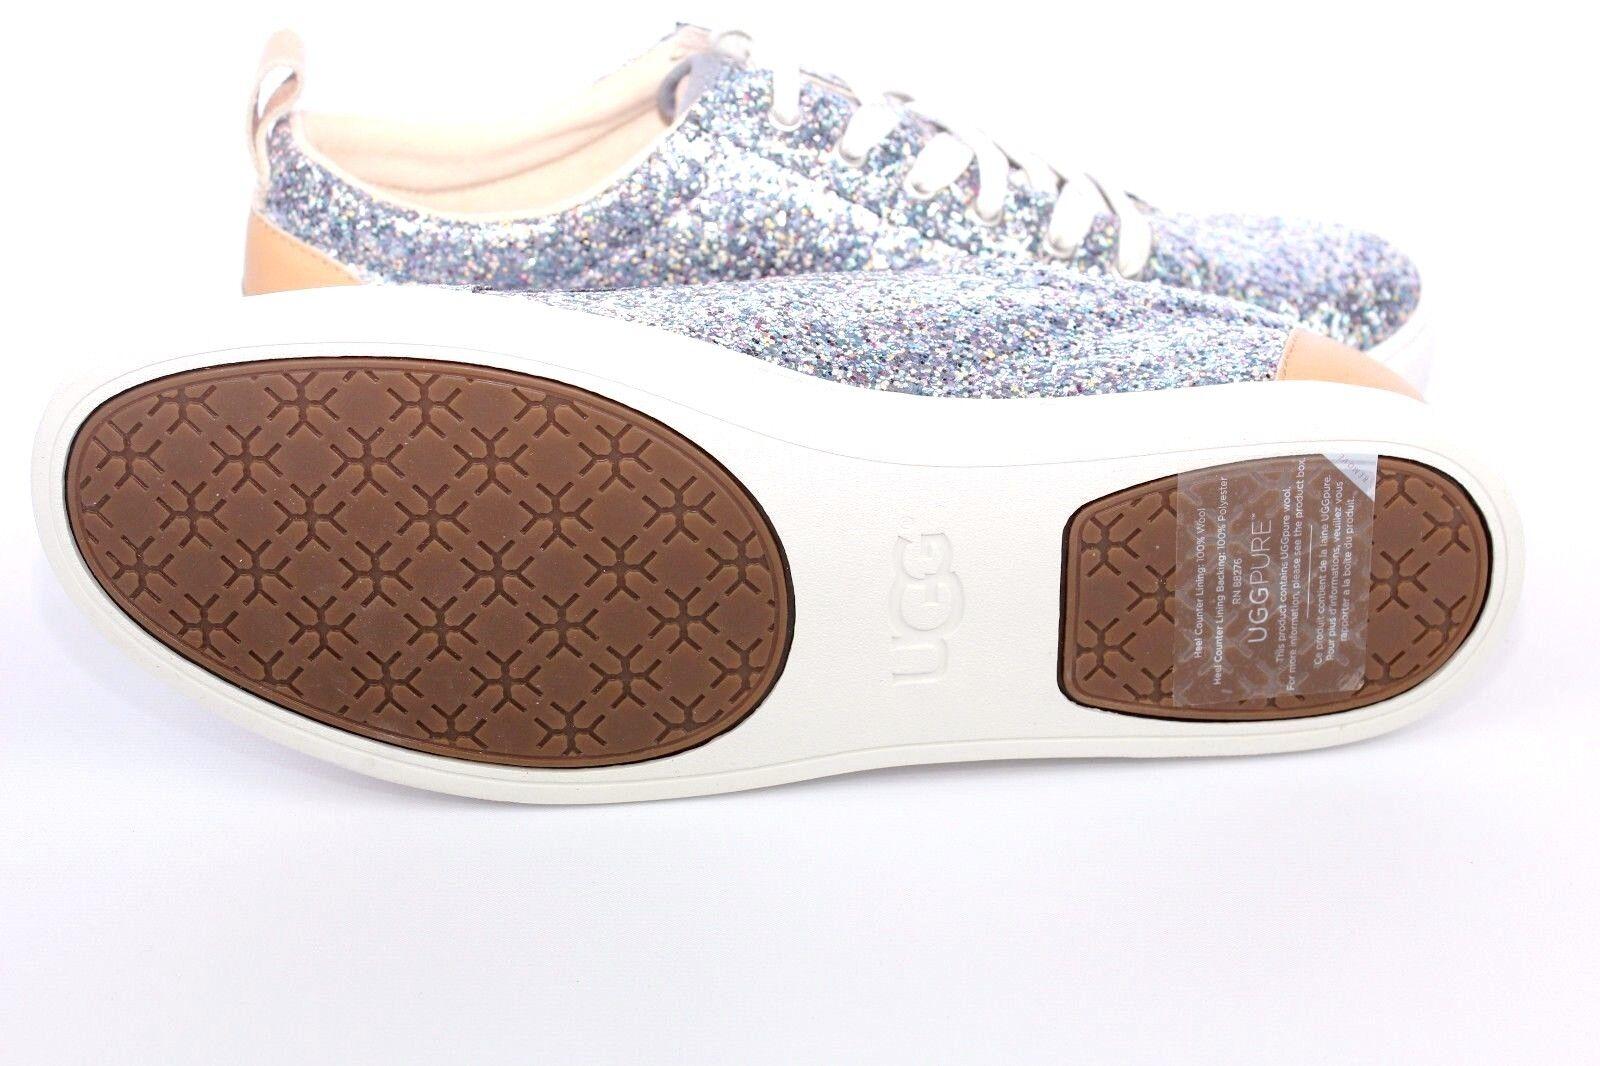 Nike ID Rosherun Poka Puntos Marrón/Blanco para Mujer casuales Zapatillas Zapatos en Marrón/Blanco Puntos 7727da